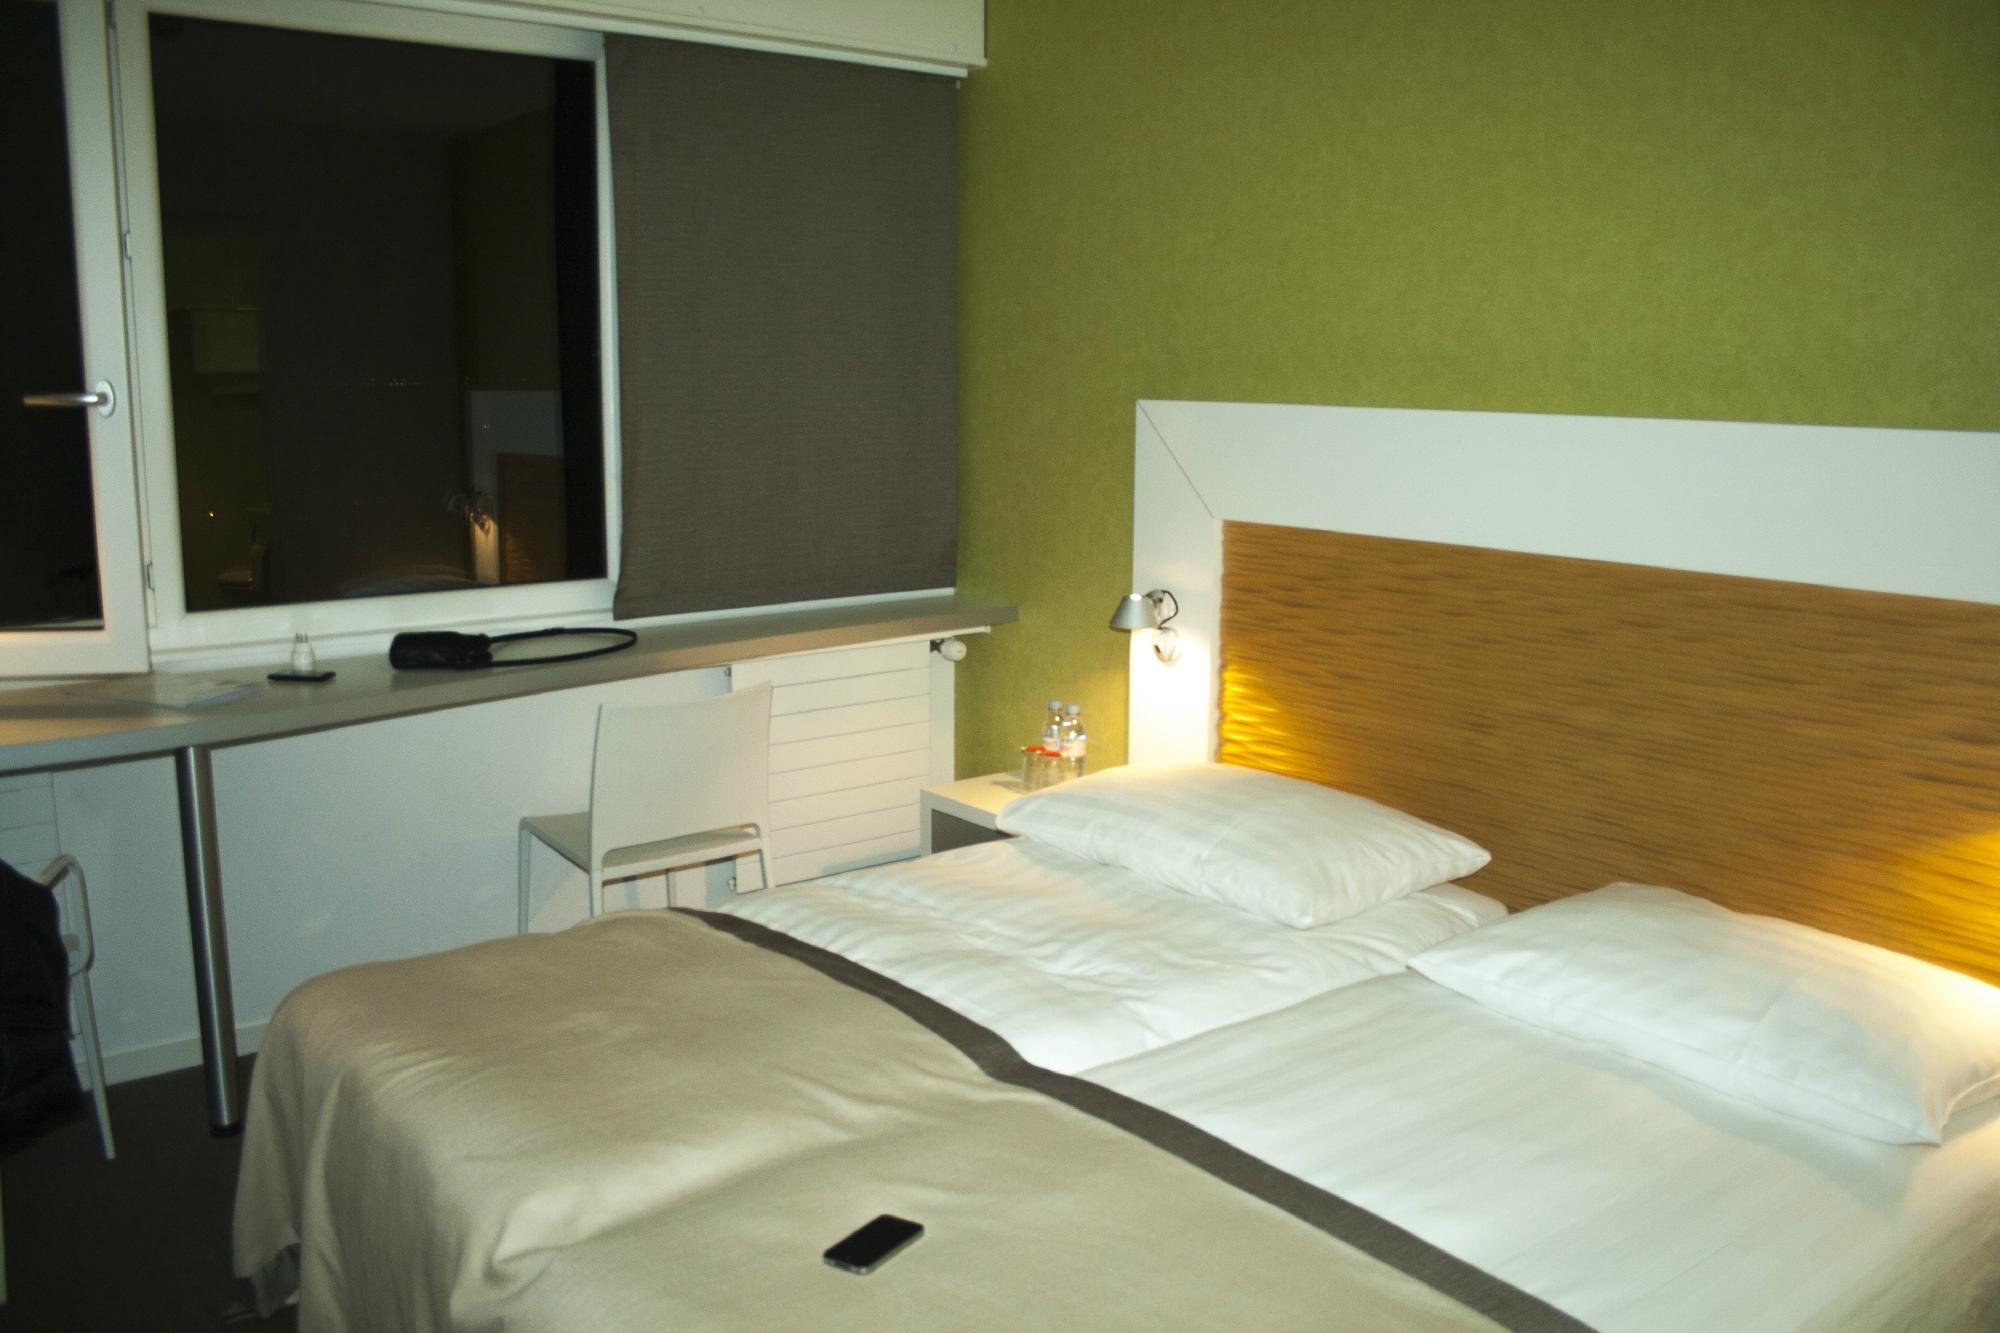 ル リマン ホテル